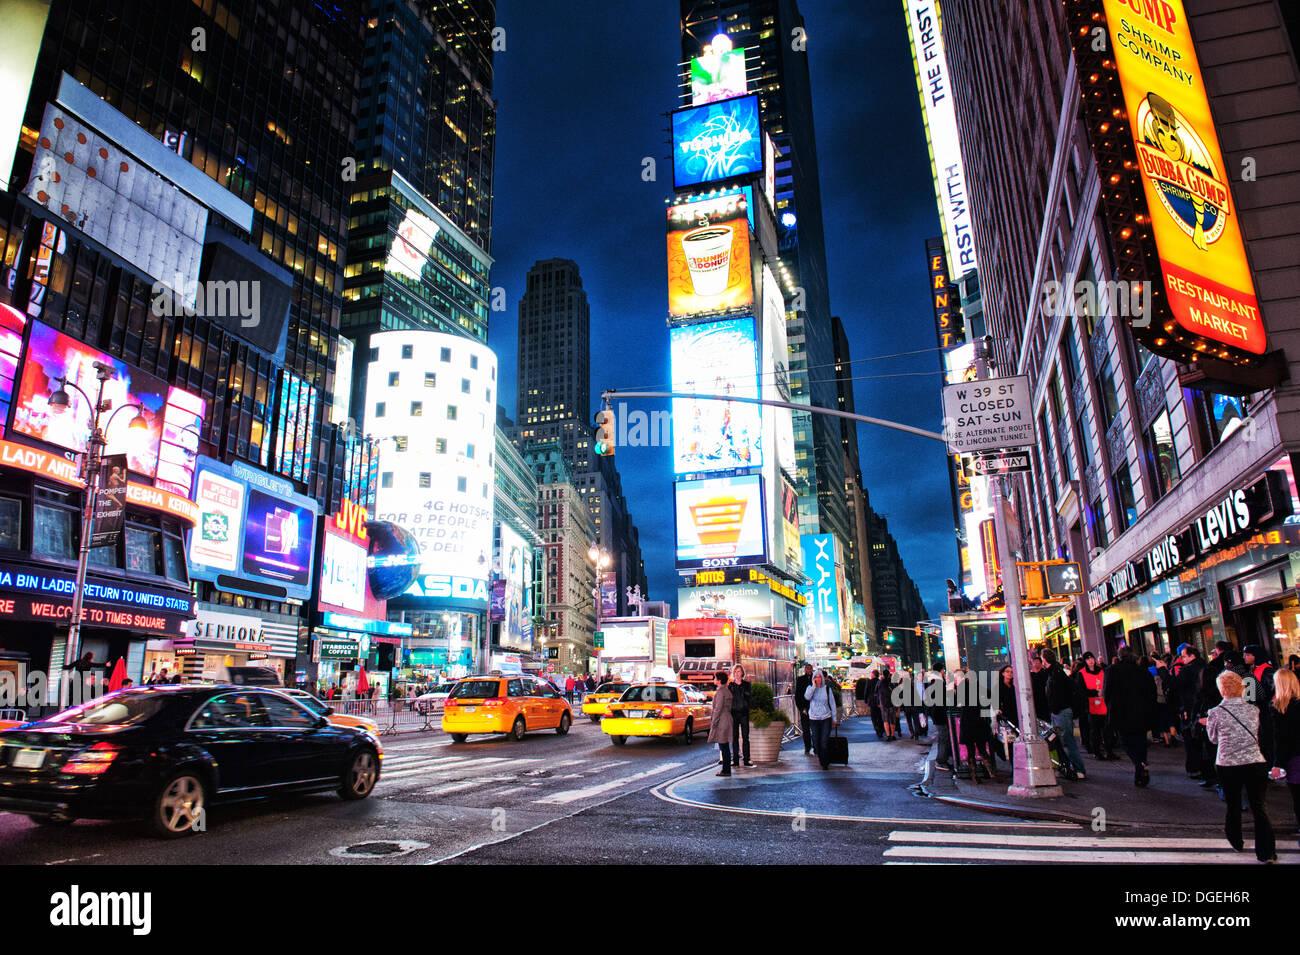 Times Square animé par nuit à New York, NY, USA Banque D'Images